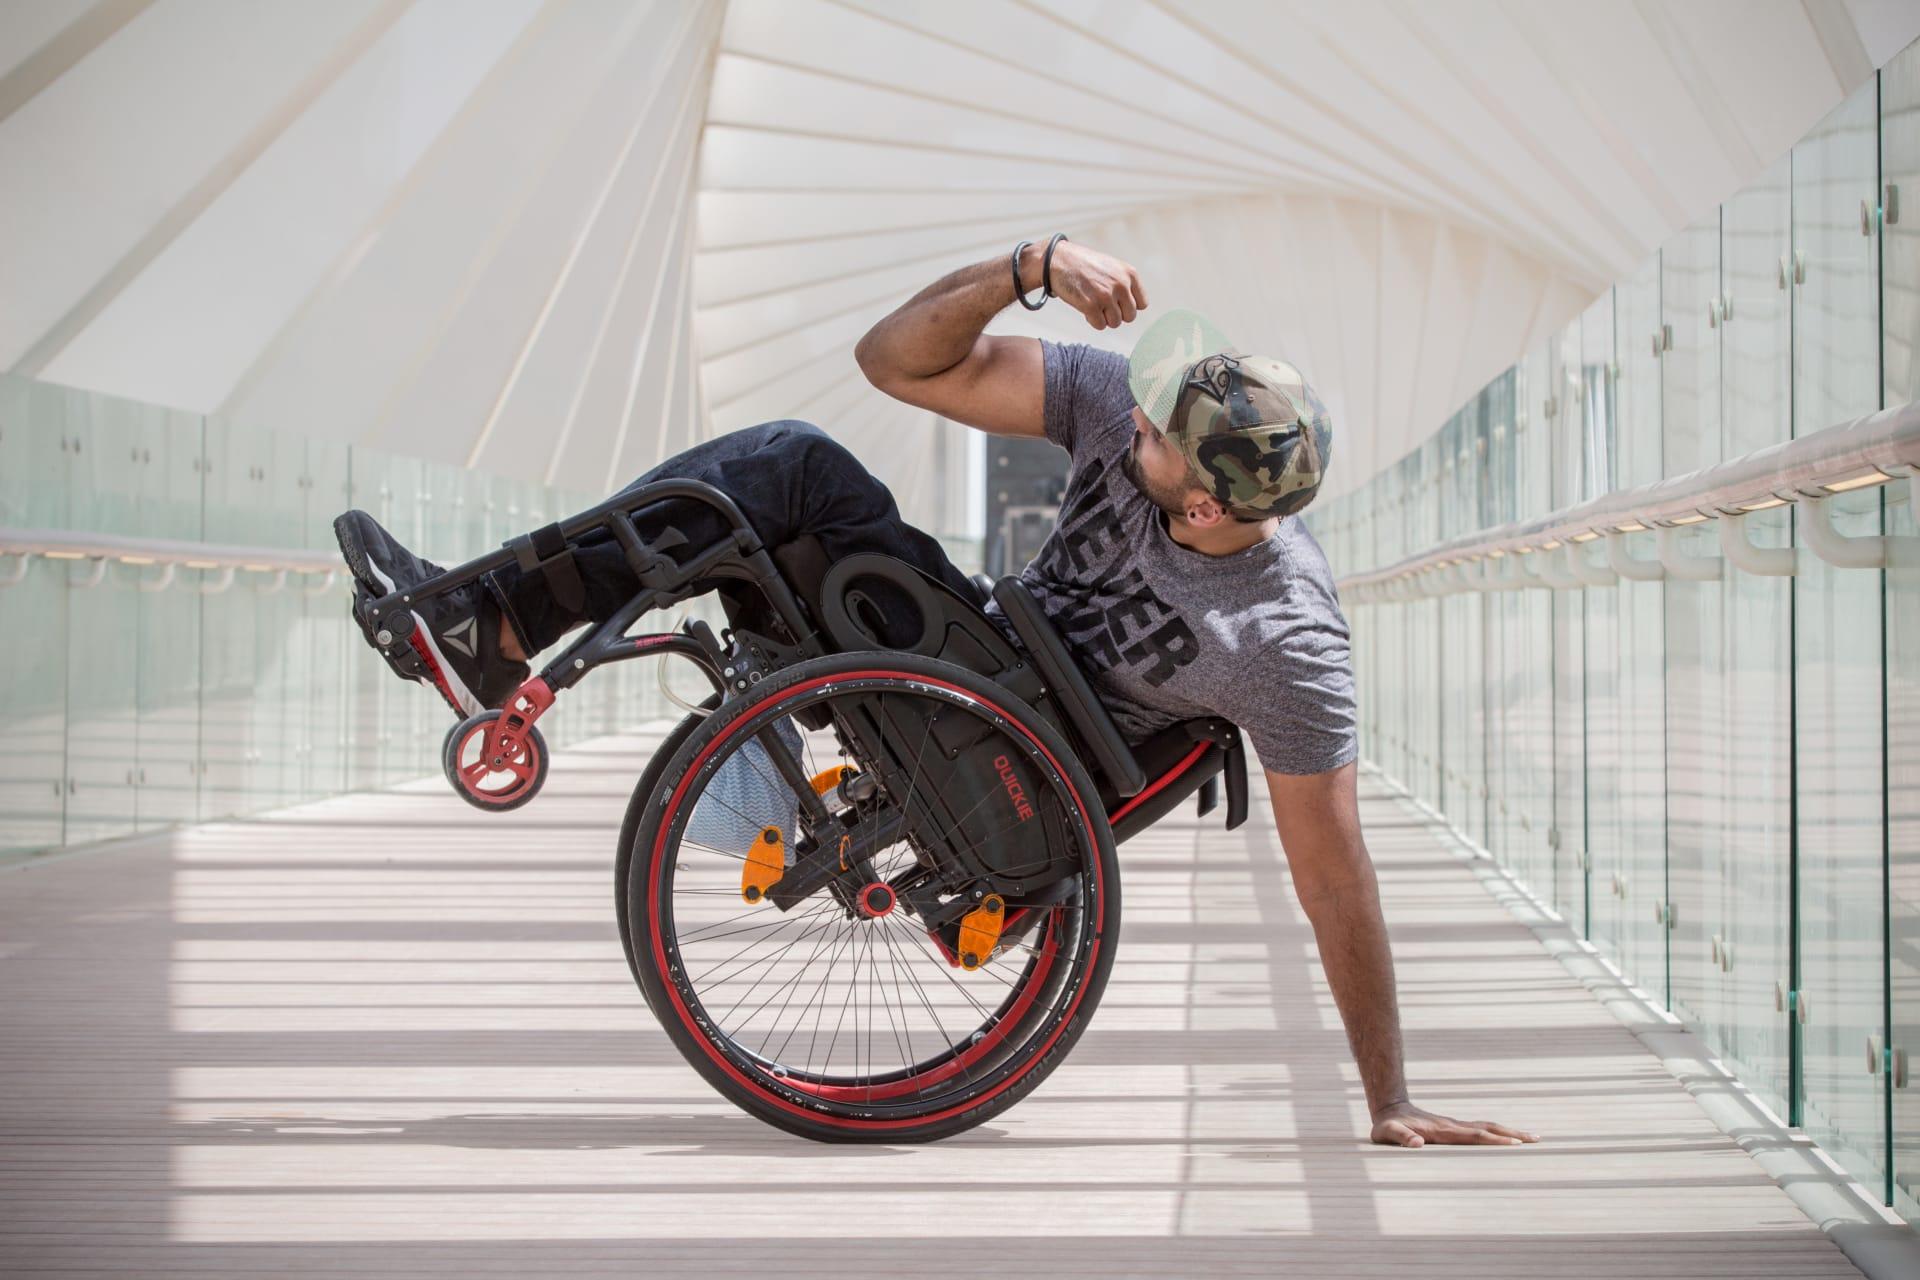 """مؤثر لياقة بدنية على كرسي متحرك.. كيف قام بالـ""""مستحيل""""؟"""